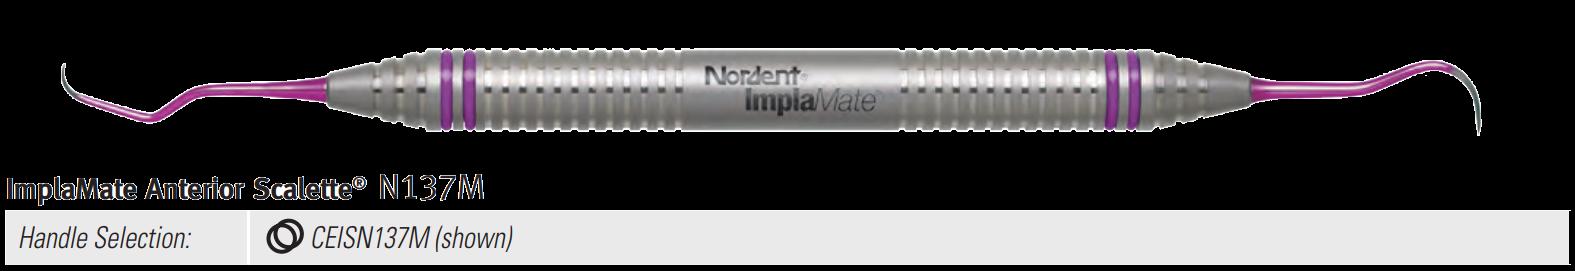 ImplaMate Přední Scalette® N137M